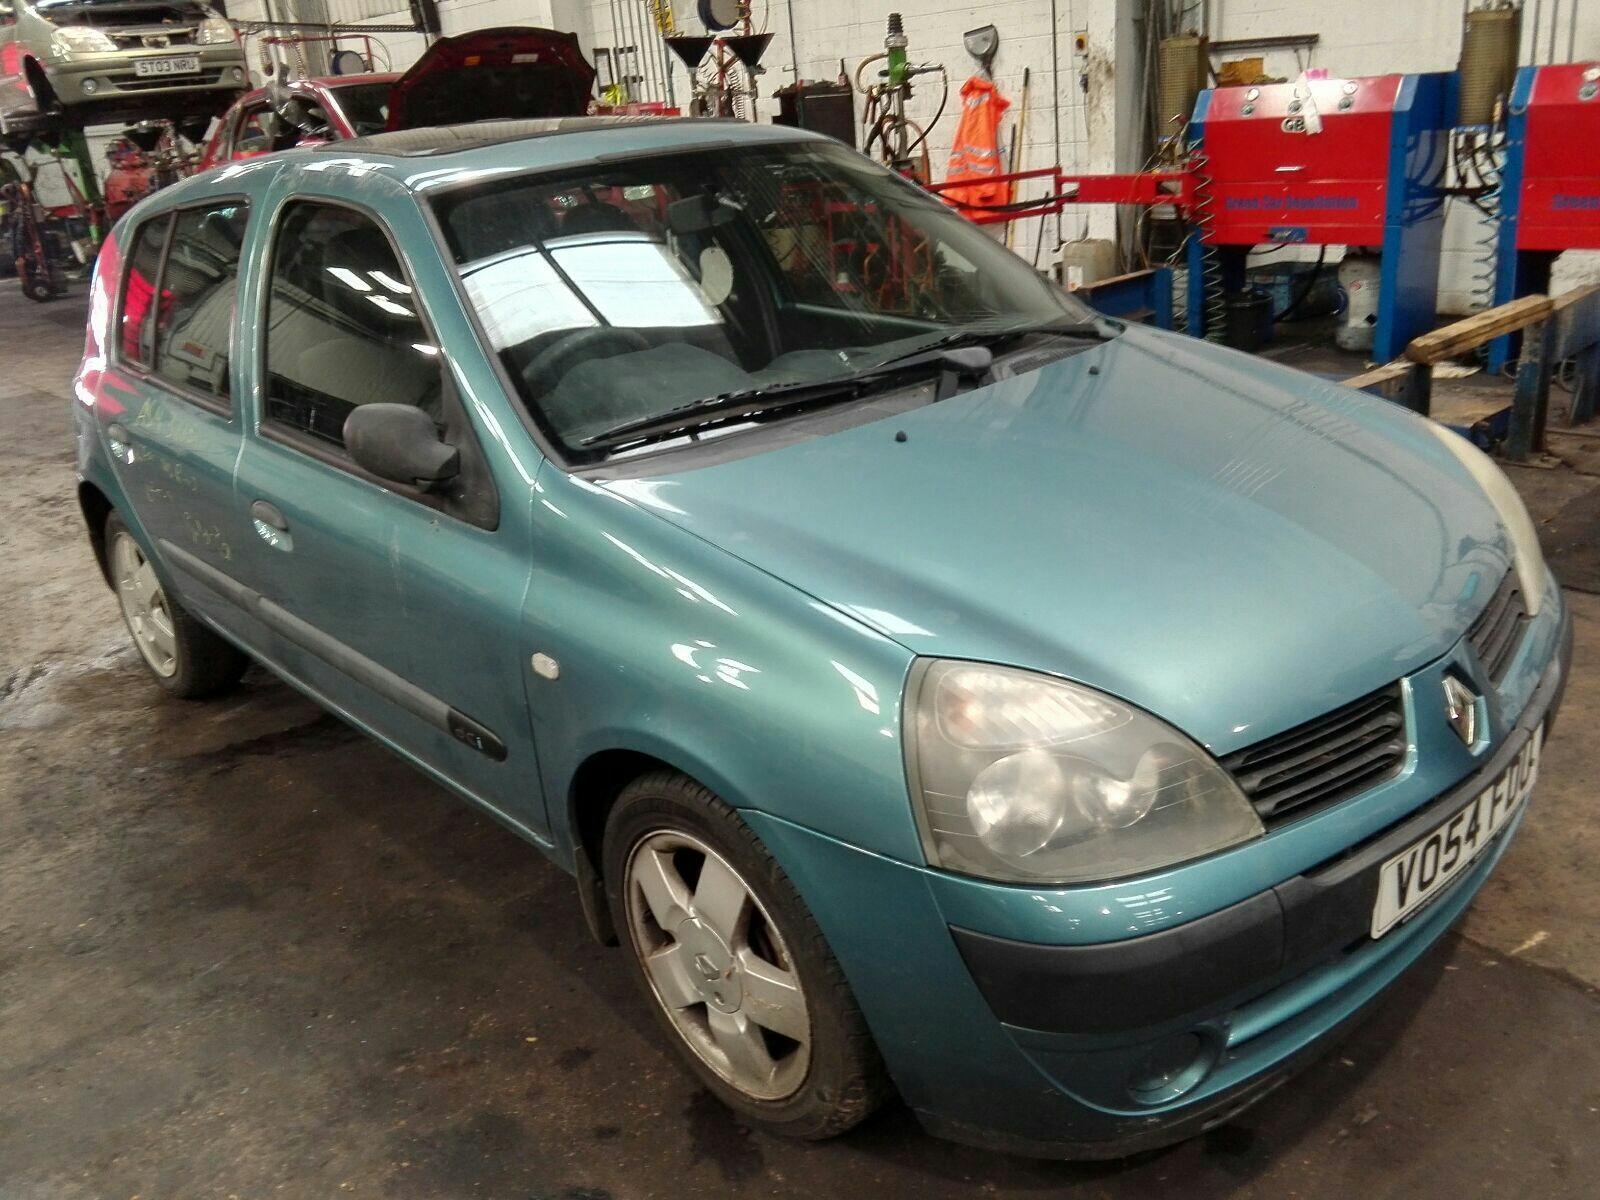 Image for a Renault Clio 2004 5 Door Hatchback